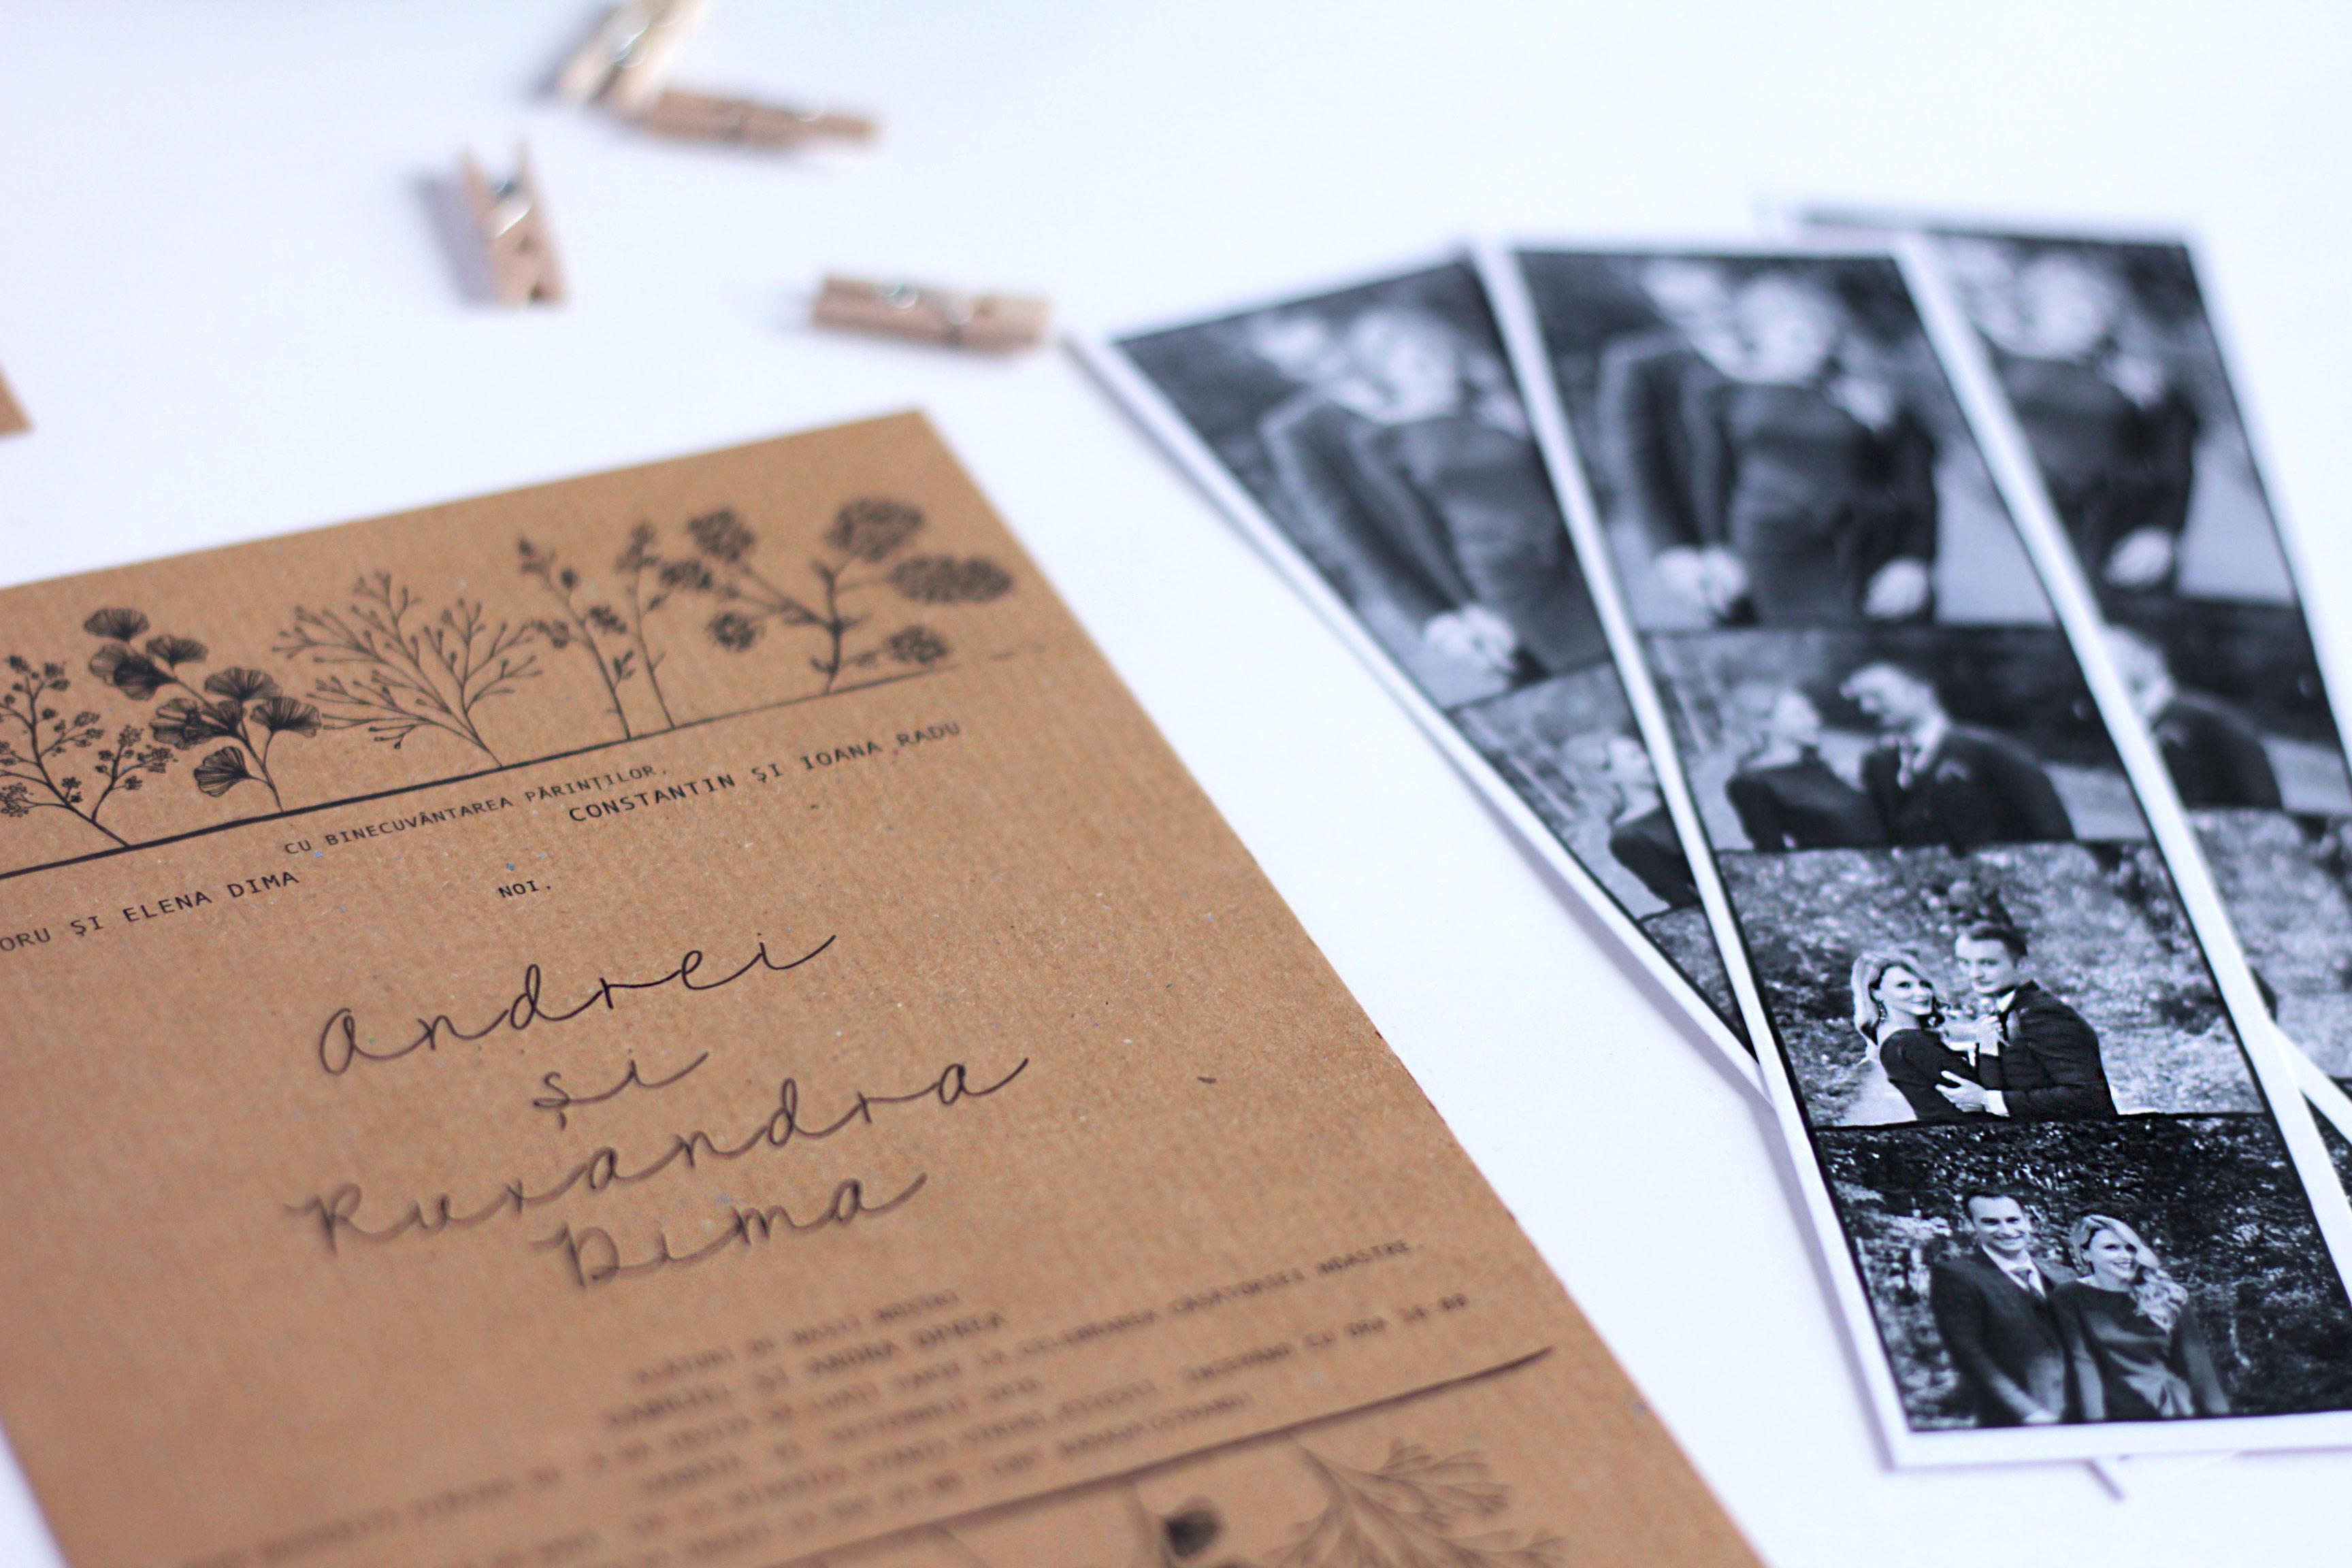 Invitatii personalizate pentru nunta | PAPIRA